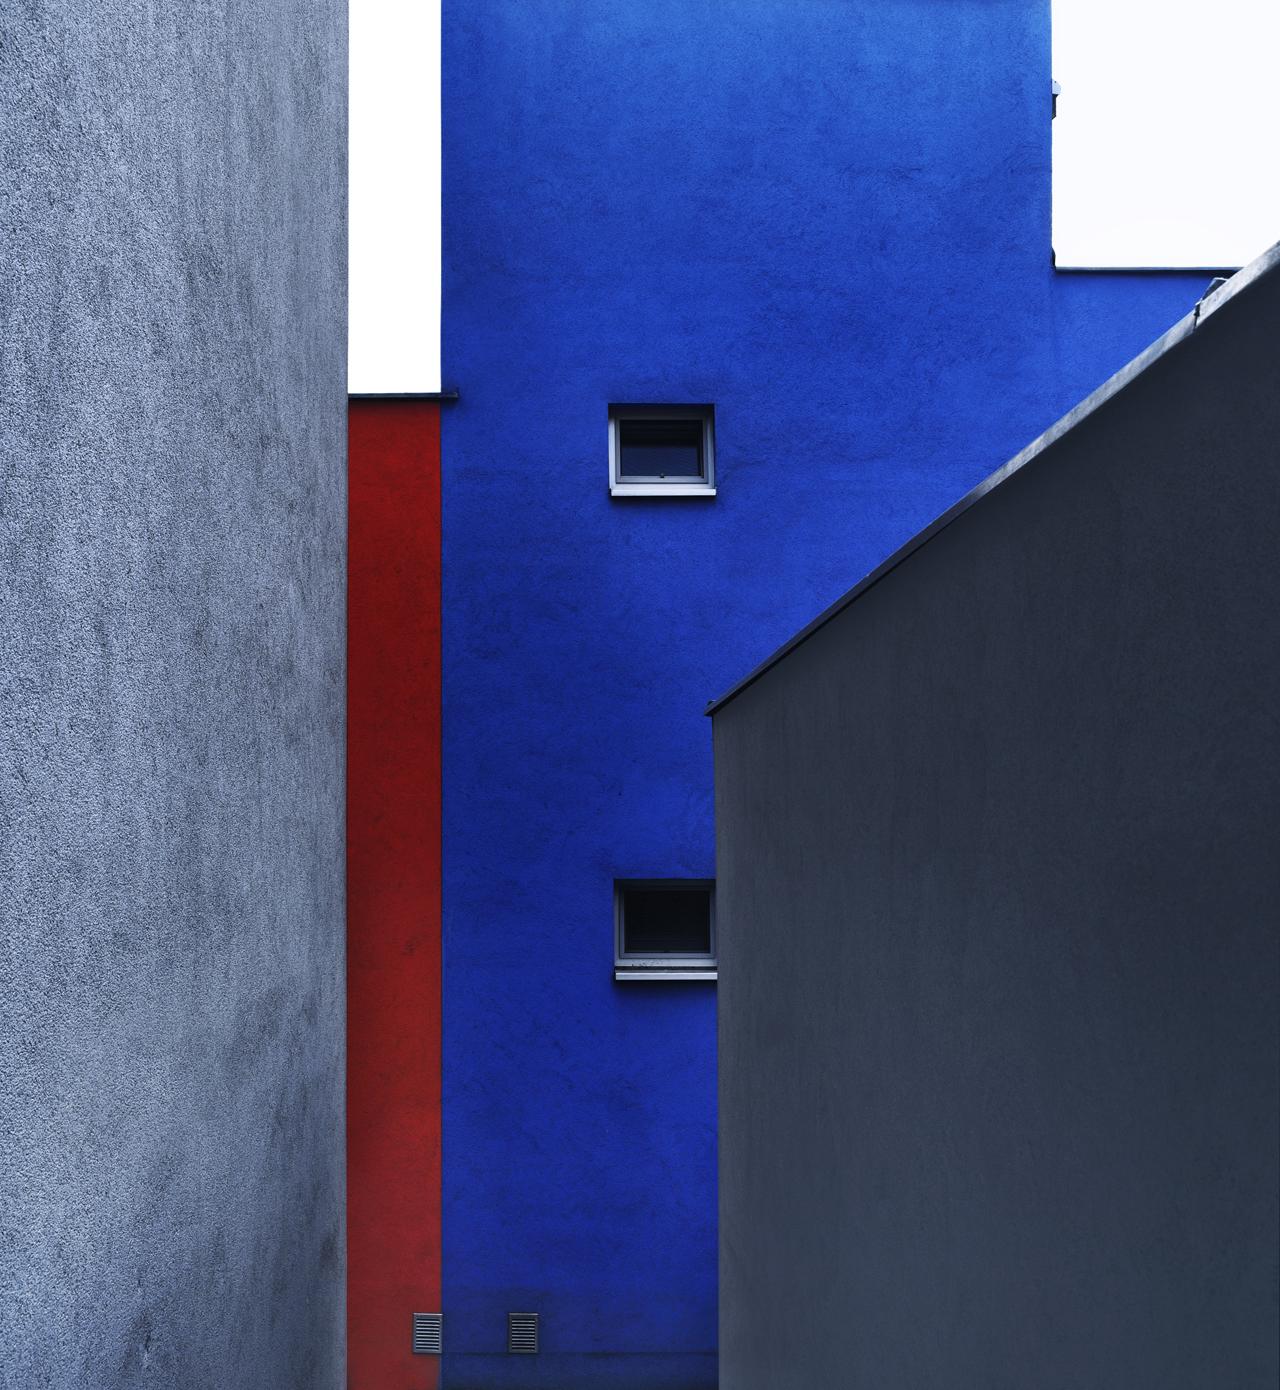 Color walls